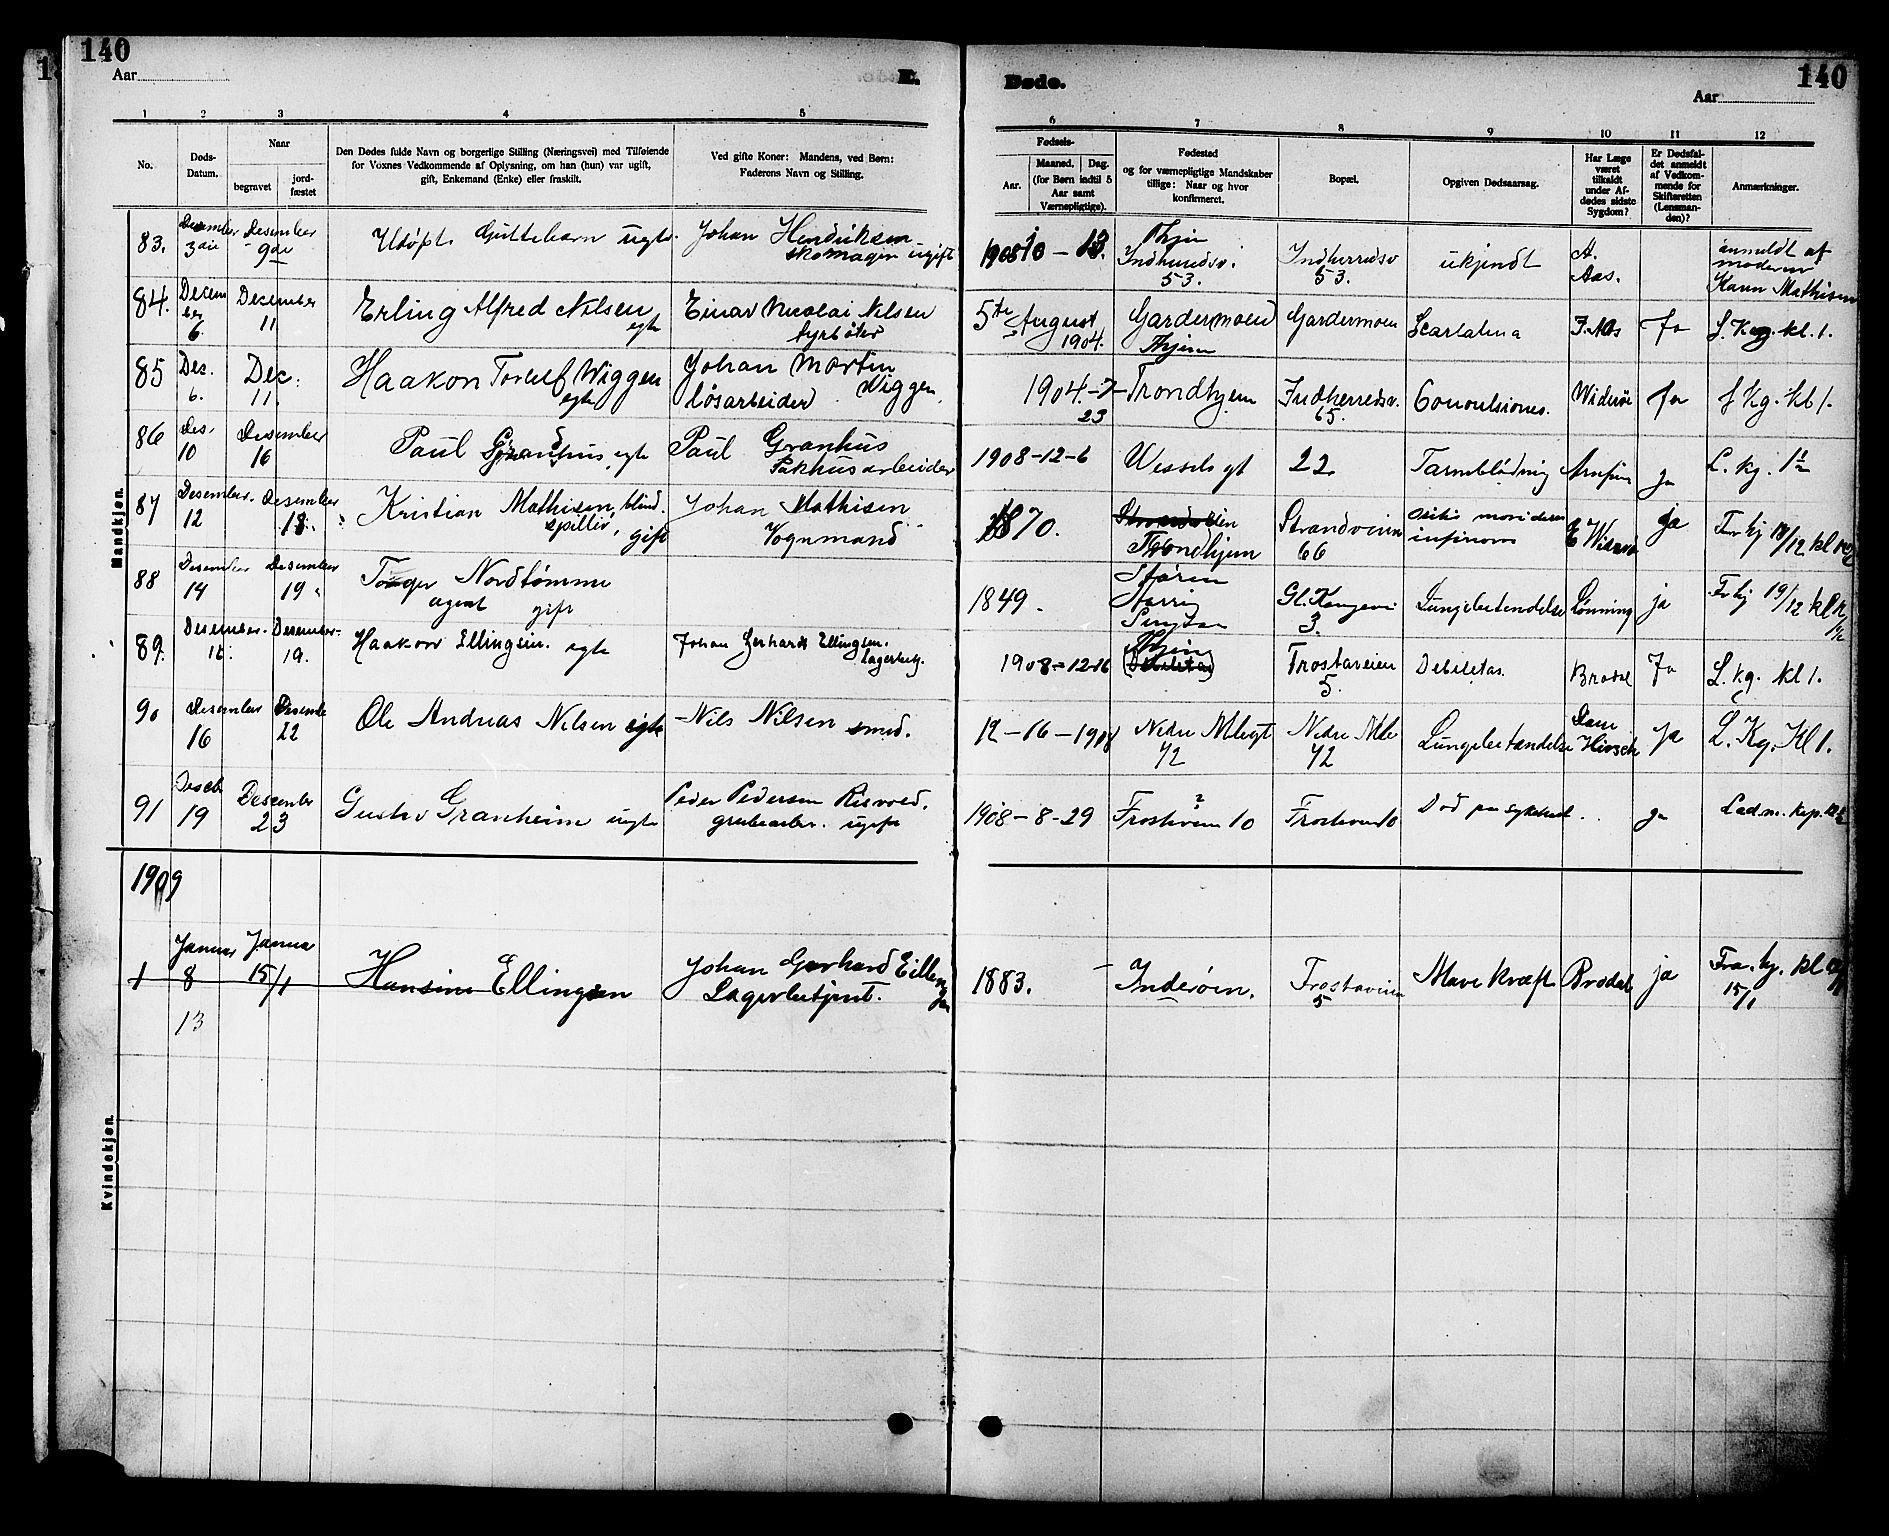 SAT, Ministerialprotokoller, klokkerbøker og fødselsregistre - Sør-Trøndelag, 605/L0255: Klokkerbok nr. 605C02, 1908-1918, s. 140